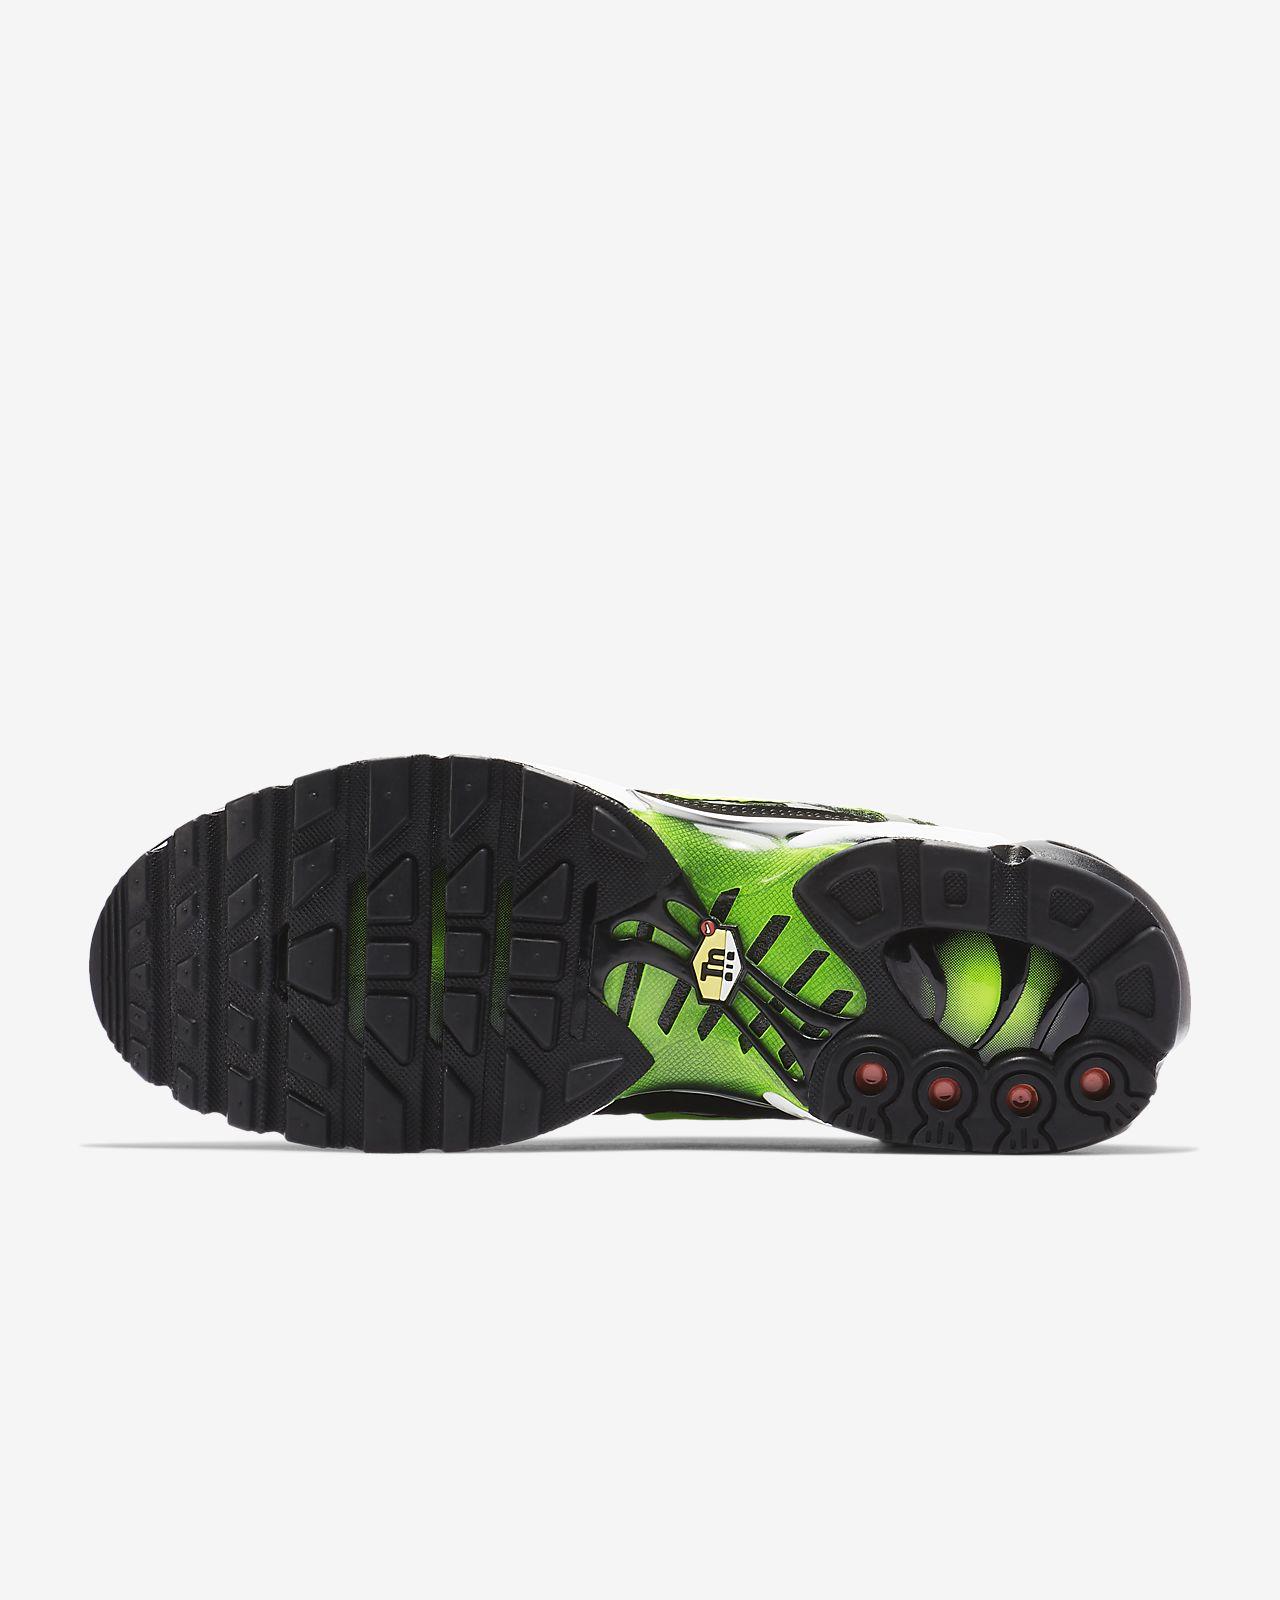 wholesale dealer c4f6a cf9ed ... Chaussure Nike Air Max Plus pour Homme